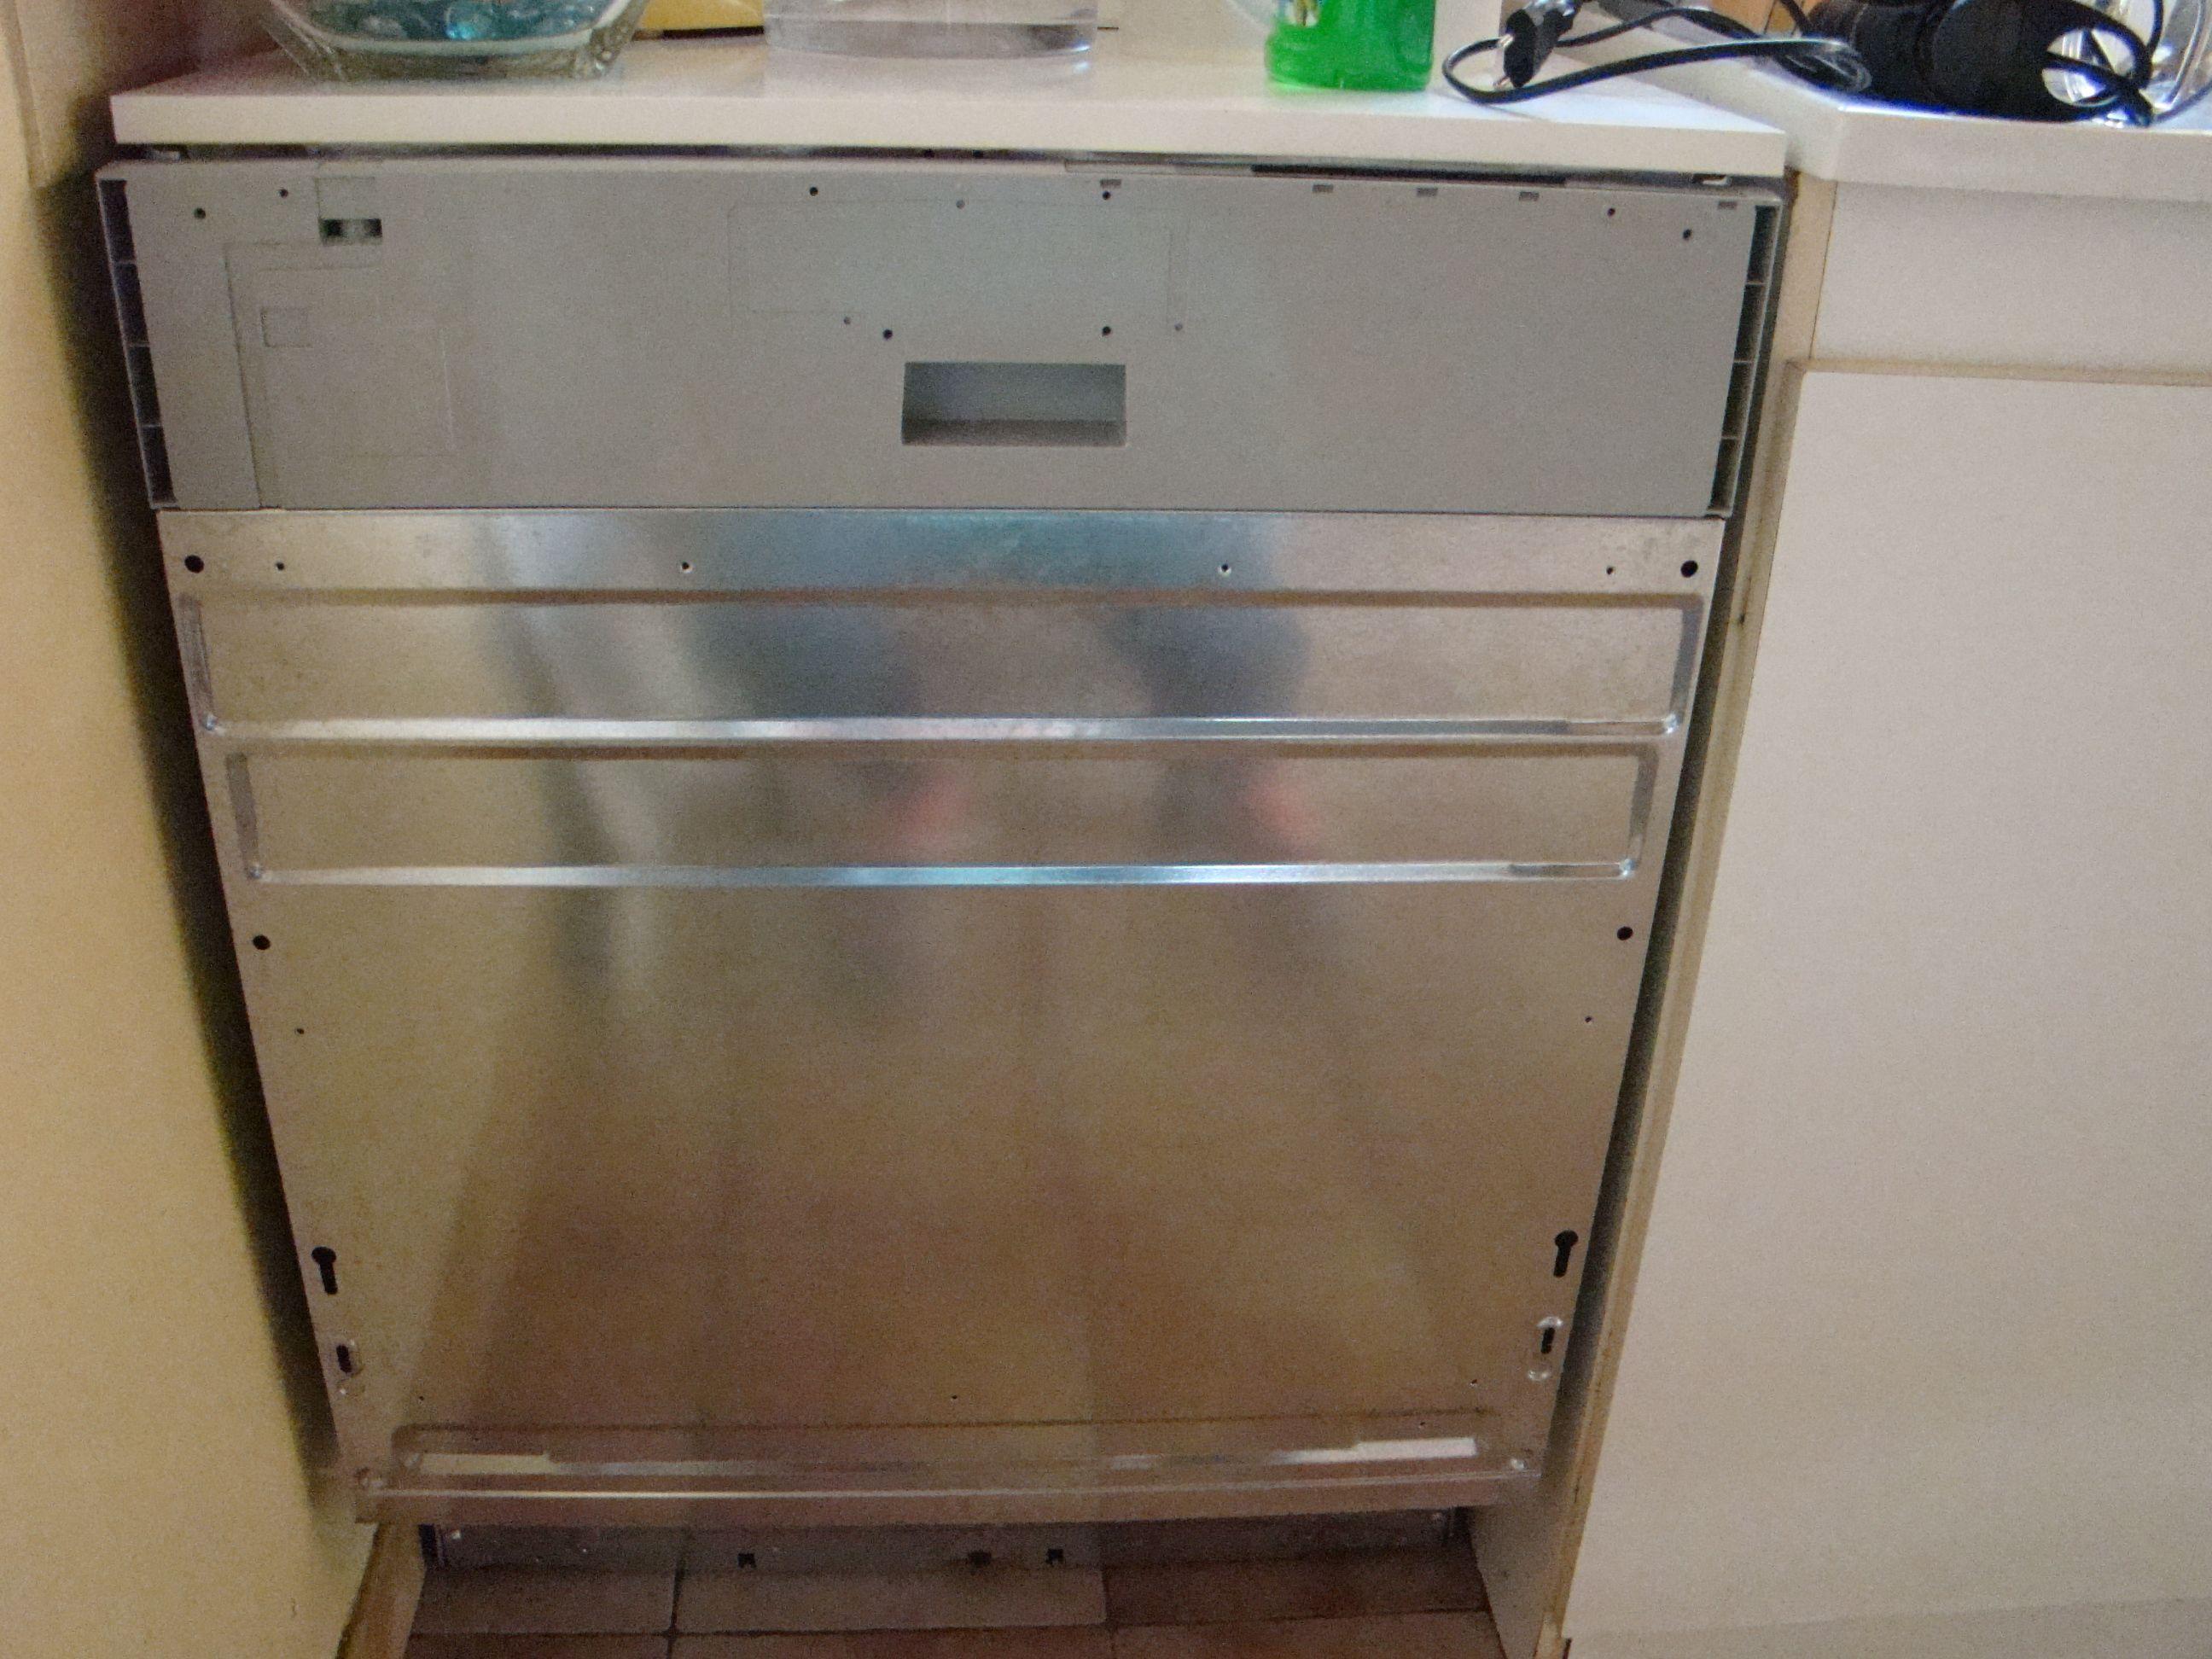 fixer une porte de lave vaisselle tout intégrable (15 messages